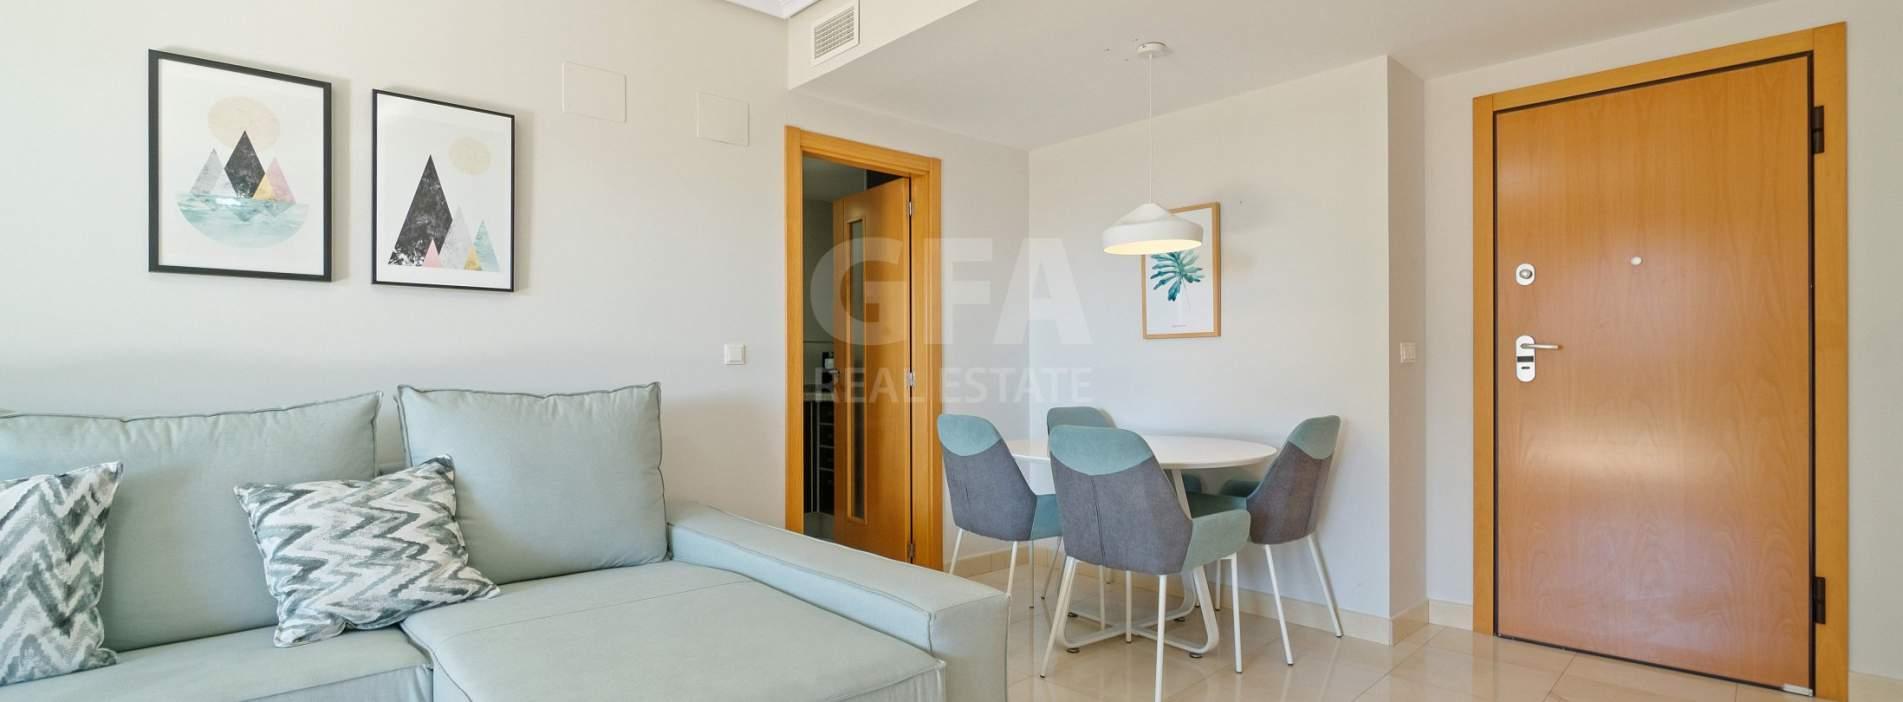 Apartamentos en venta en Benidorm - Edificio Kronos